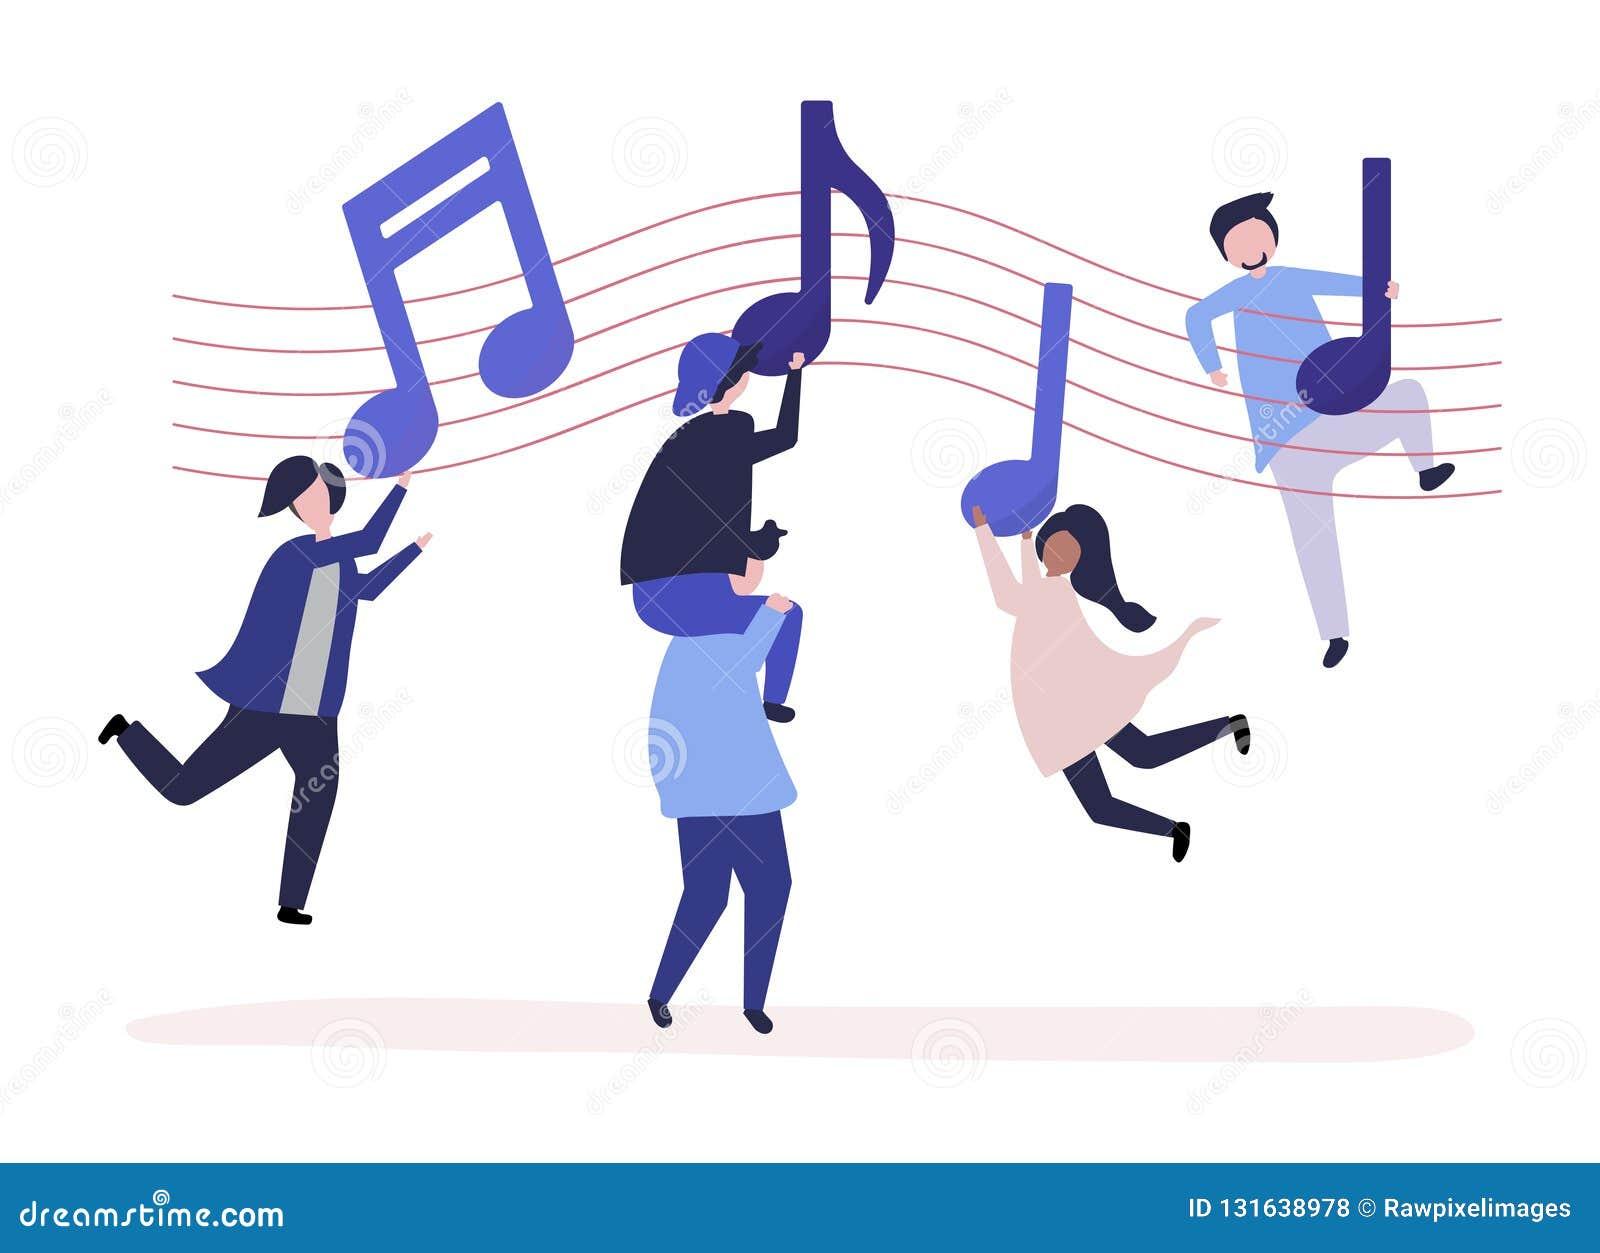 Танцы людей к музыке с музыкальными примечаниями плавая в воздух